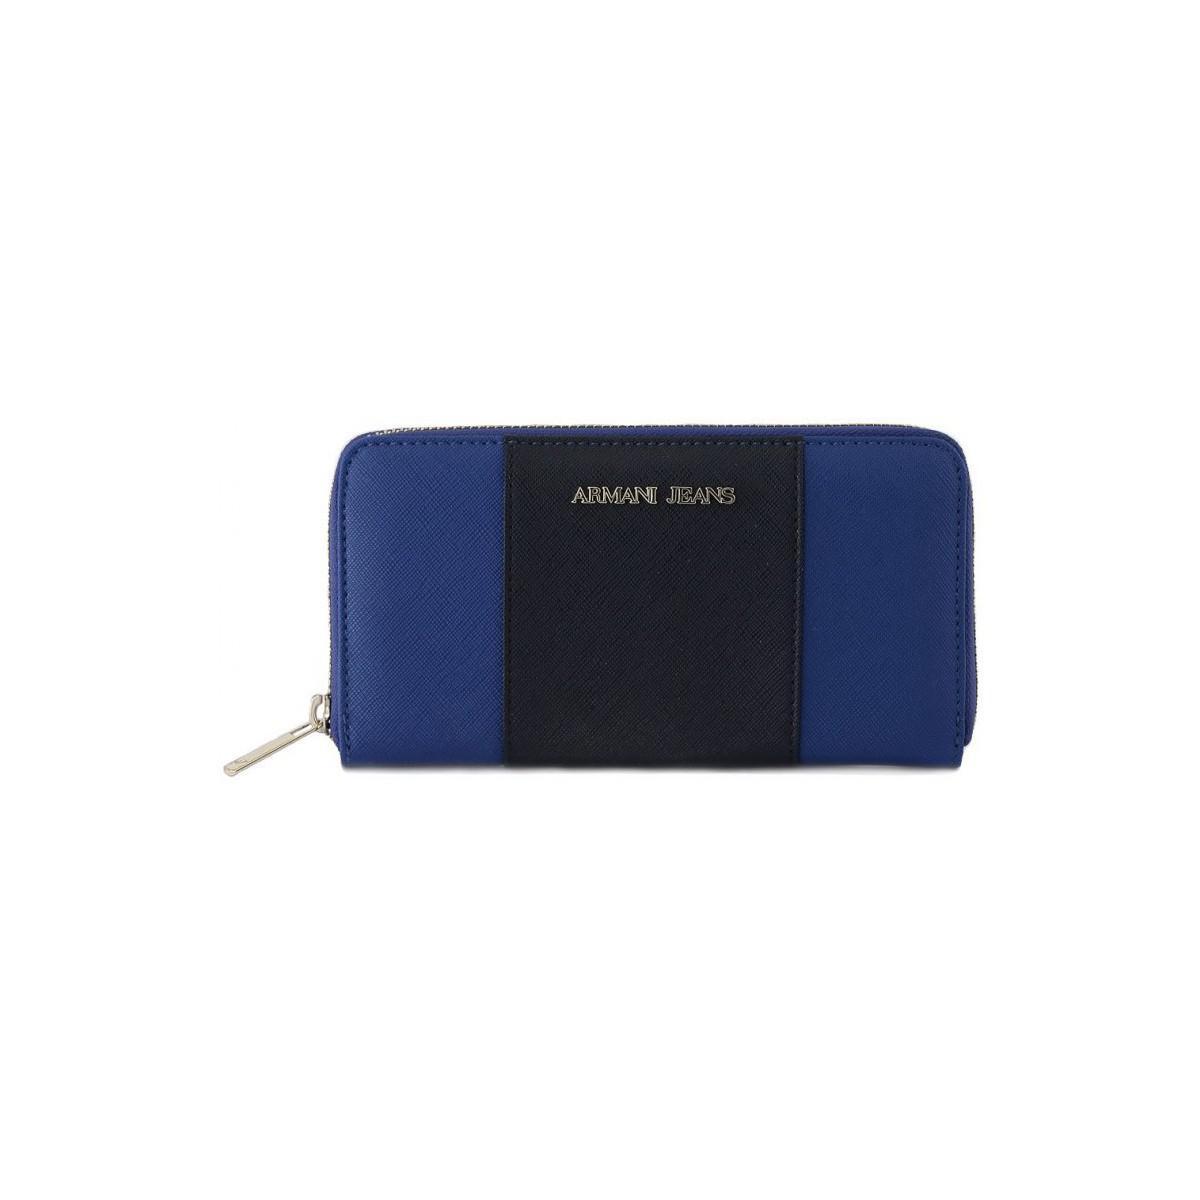 ef0b19e95 Armani Jeans Giorgio Armani P.foglio Blue Women's Purse Wallet In ...